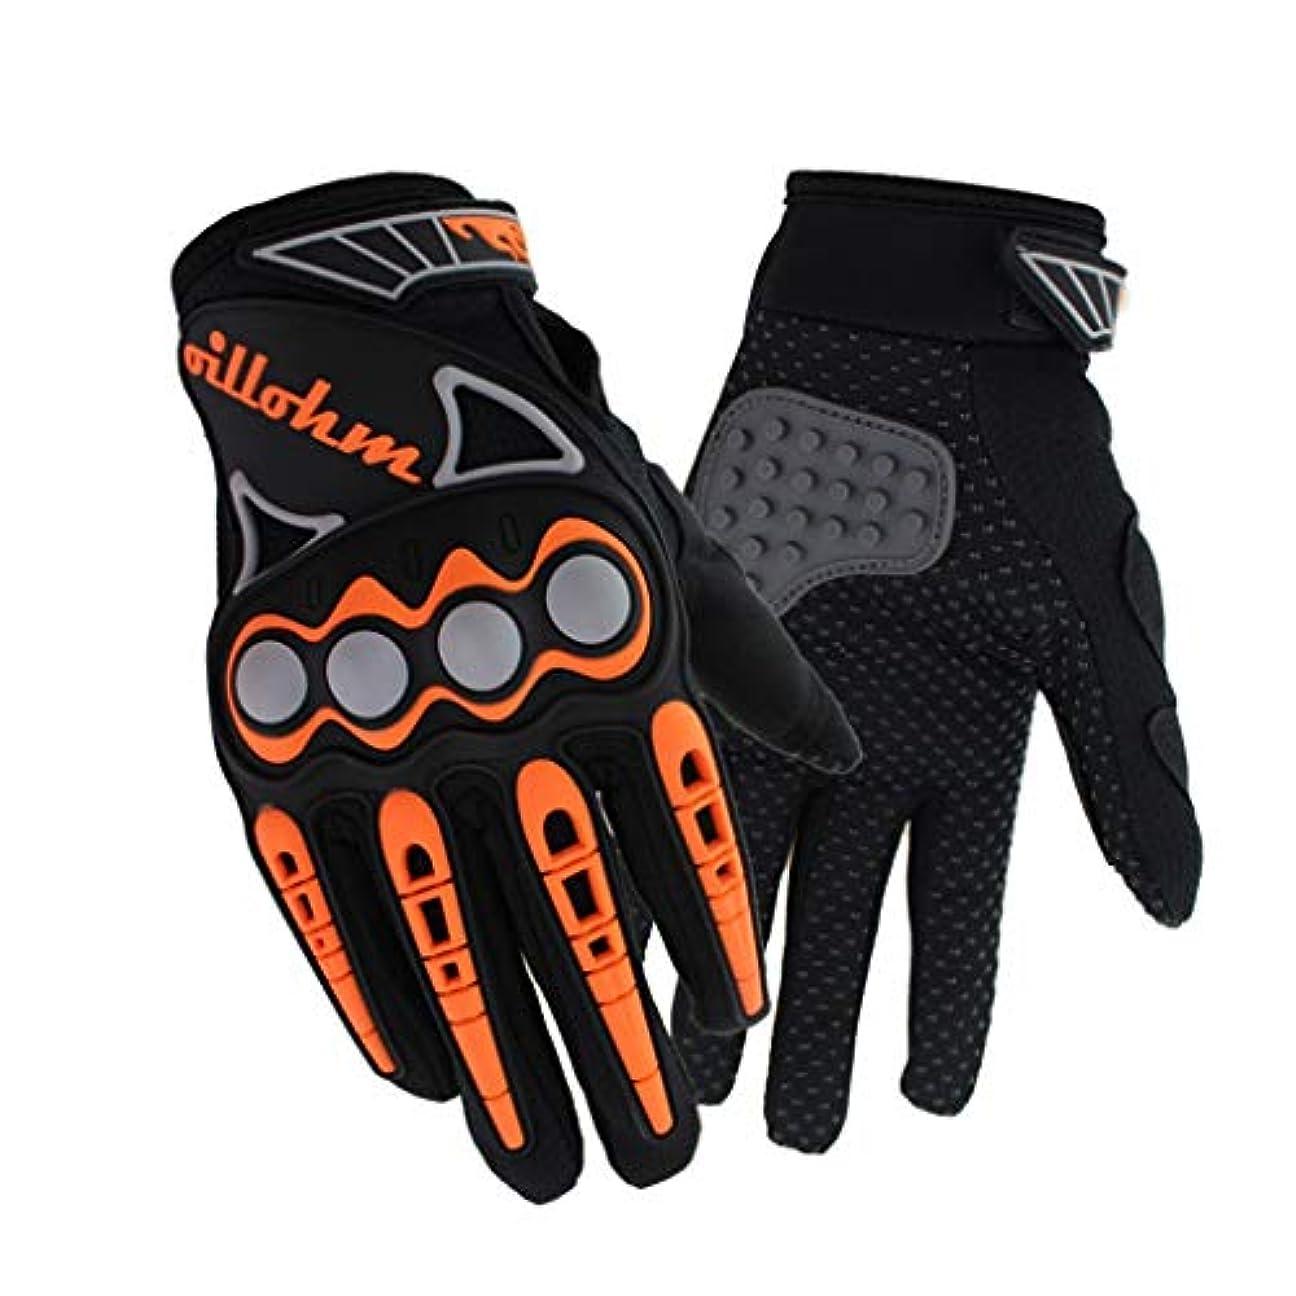 シビック好む不規則性手袋のミトン、オートバイ厚い暖かいナイロンslipperproof windproof男性と女性の屋外サイクリングウォーキング